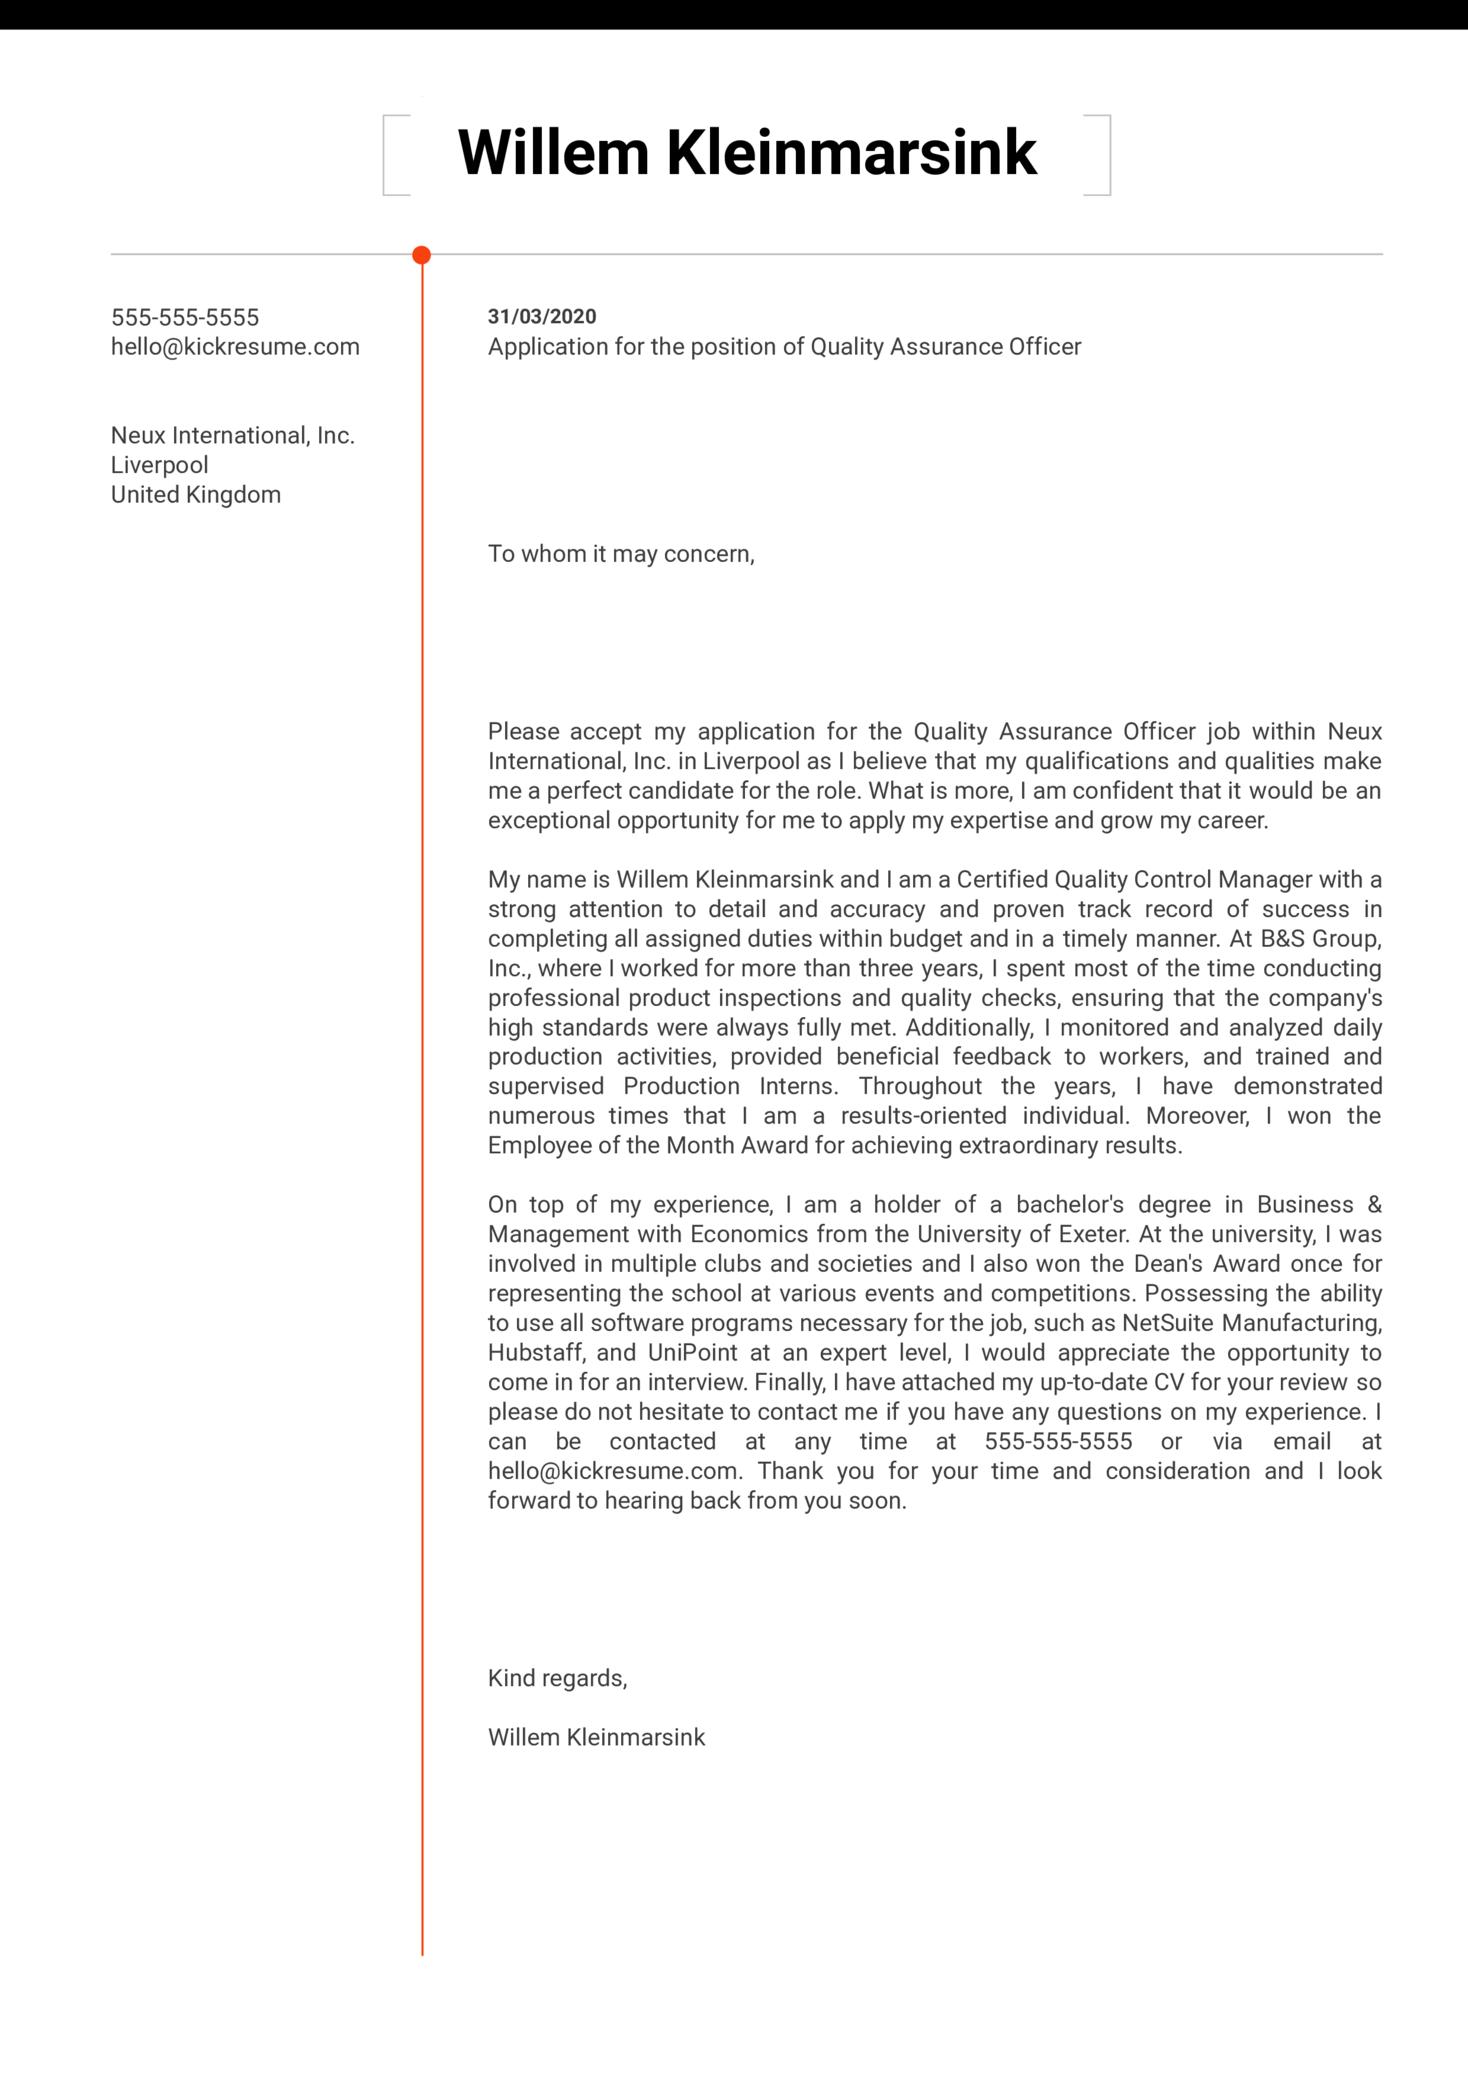 Quality Assurance Officer Cover Letter Sample